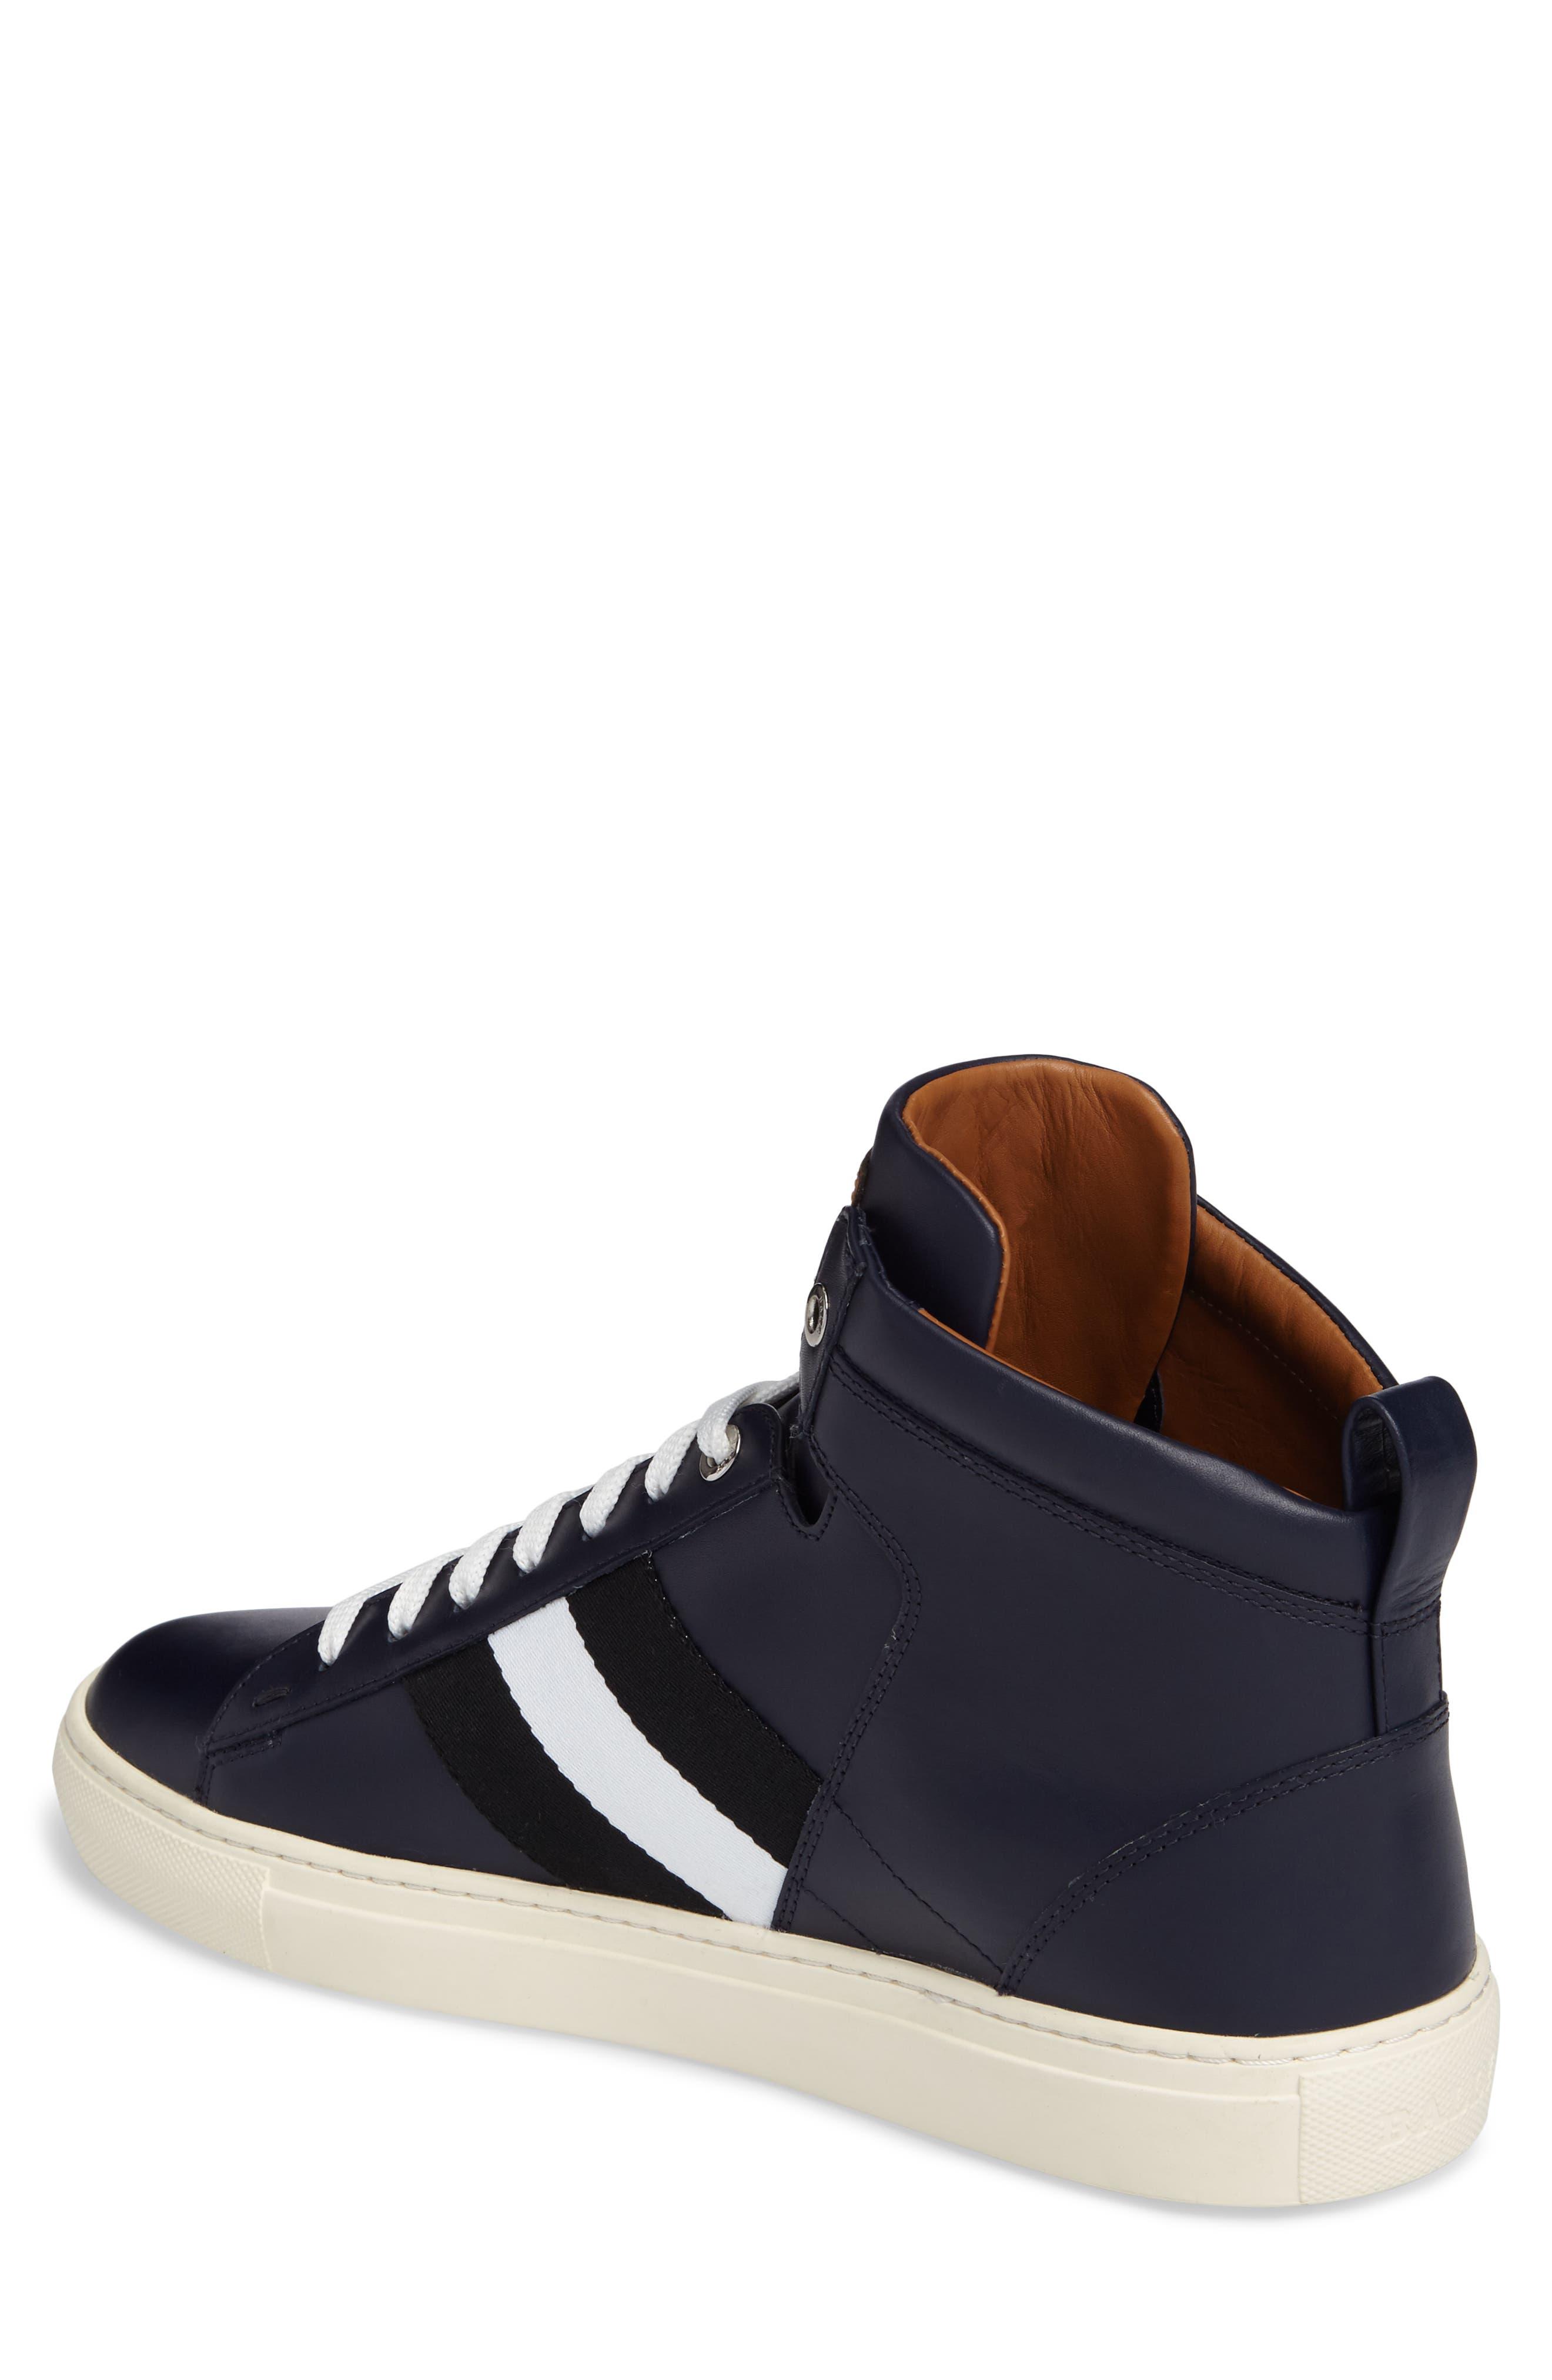 Alternate Image 2  - Bally Hedern Sneaker (Men)